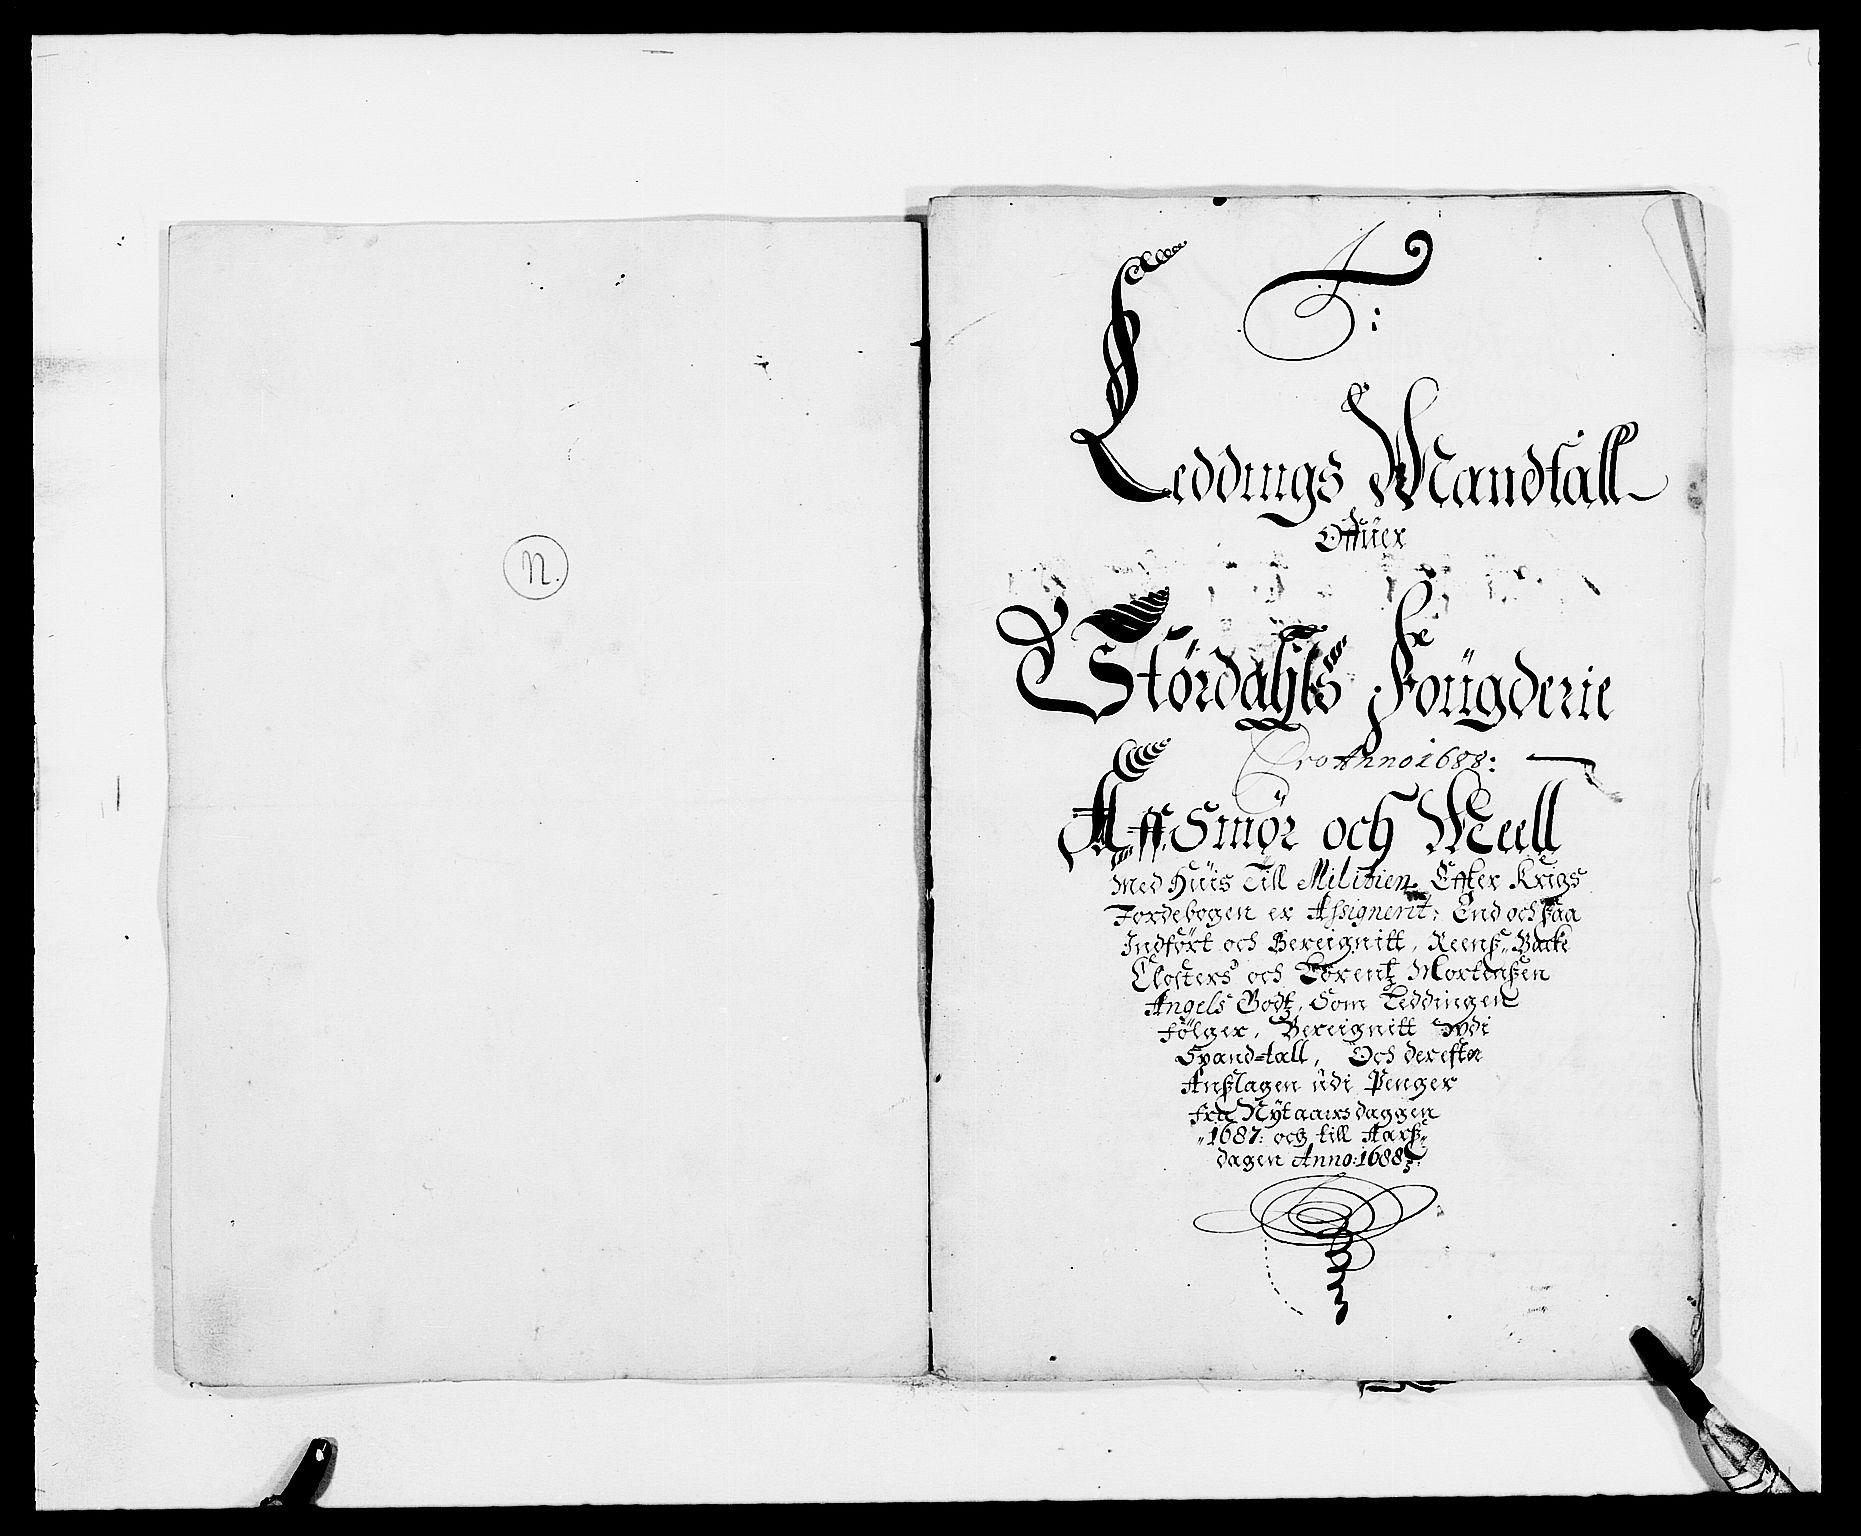 RA, Rentekammeret inntil 1814, Reviderte regnskaper, Fogderegnskap, R62/L4183: Fogderegnskap Stjørdal og Verdal, 1687-1689, s. 257